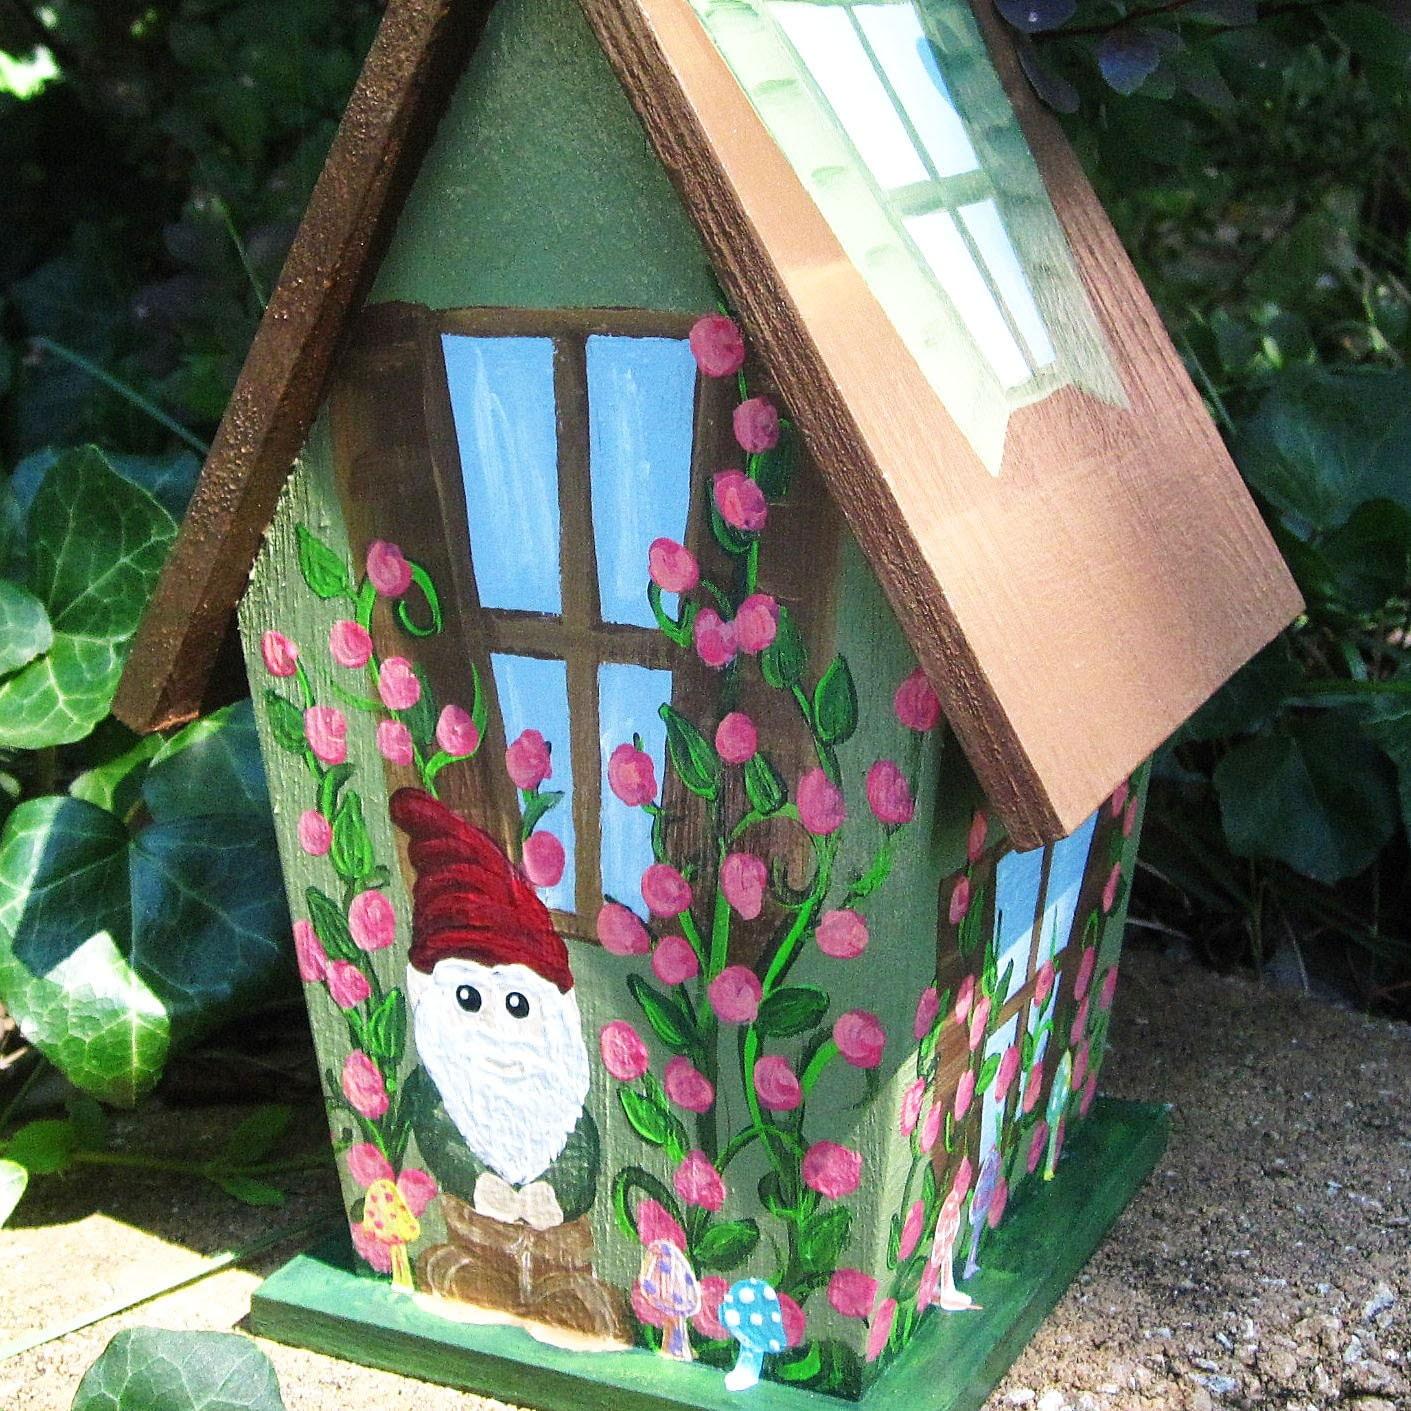 Birdhouse Garden: Decorative Birdhouse Garden Gnome Hand Painted Fairy Garden